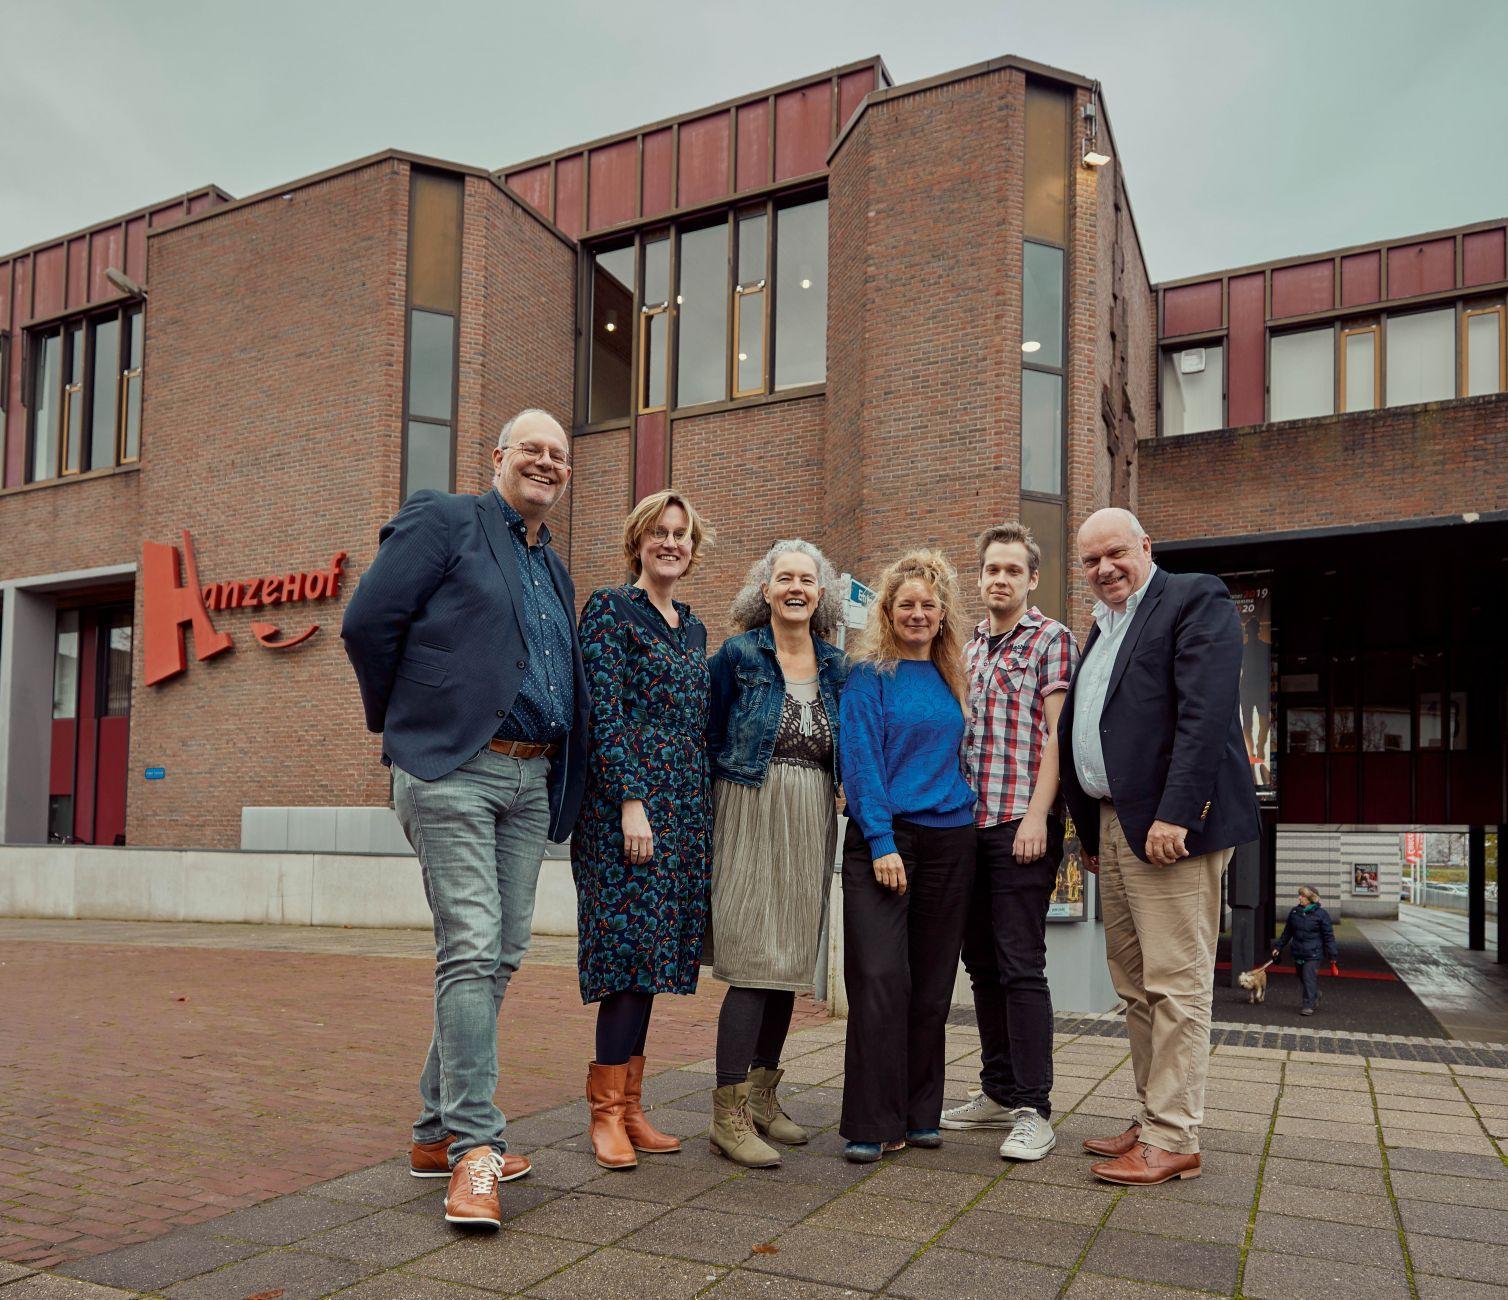 Hanzehof gaat gebouw delen